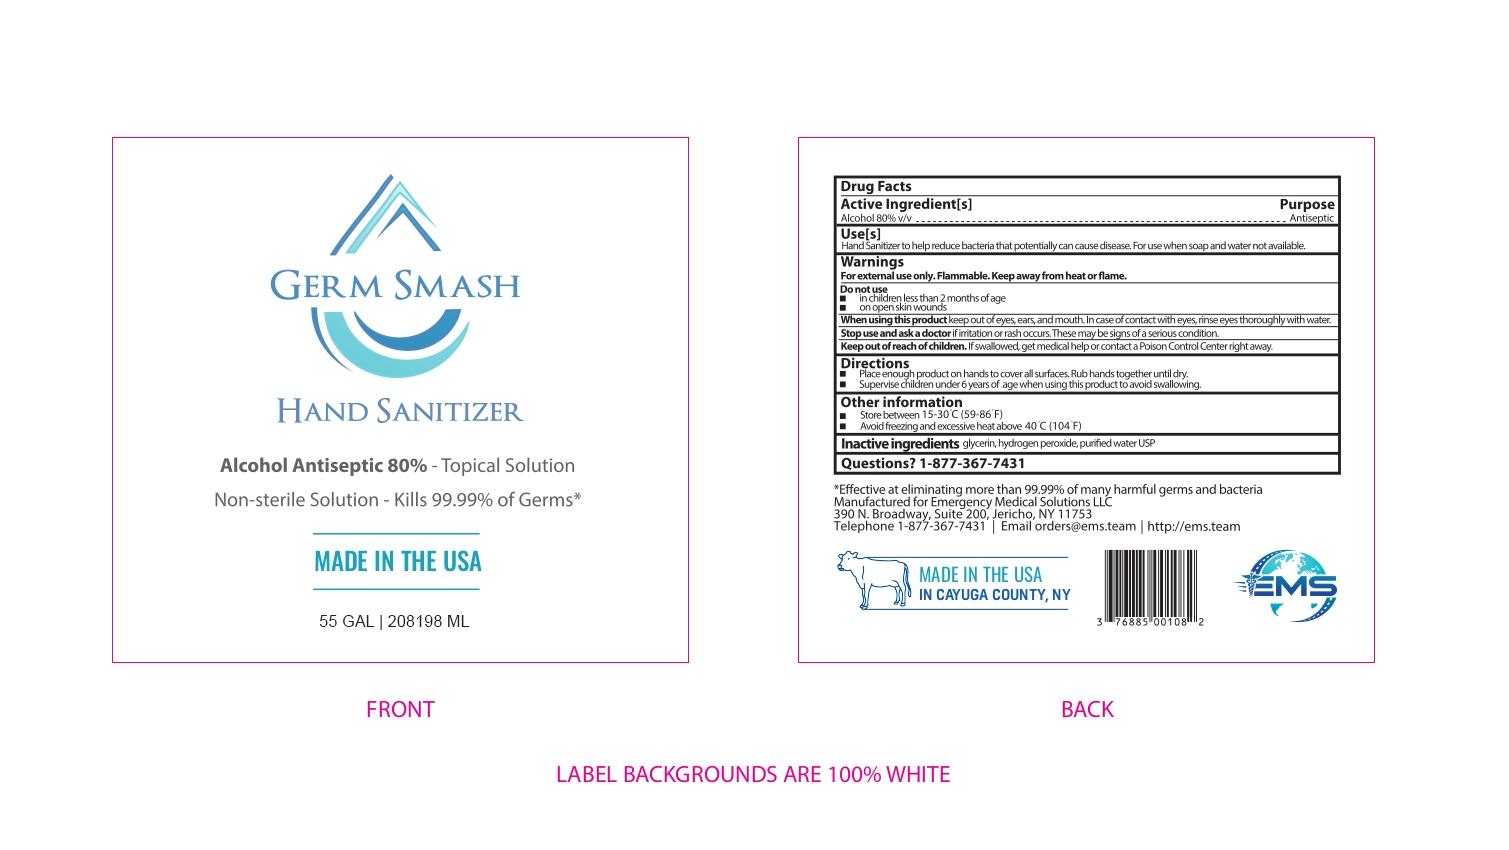 USA Germ Smash 208198ml